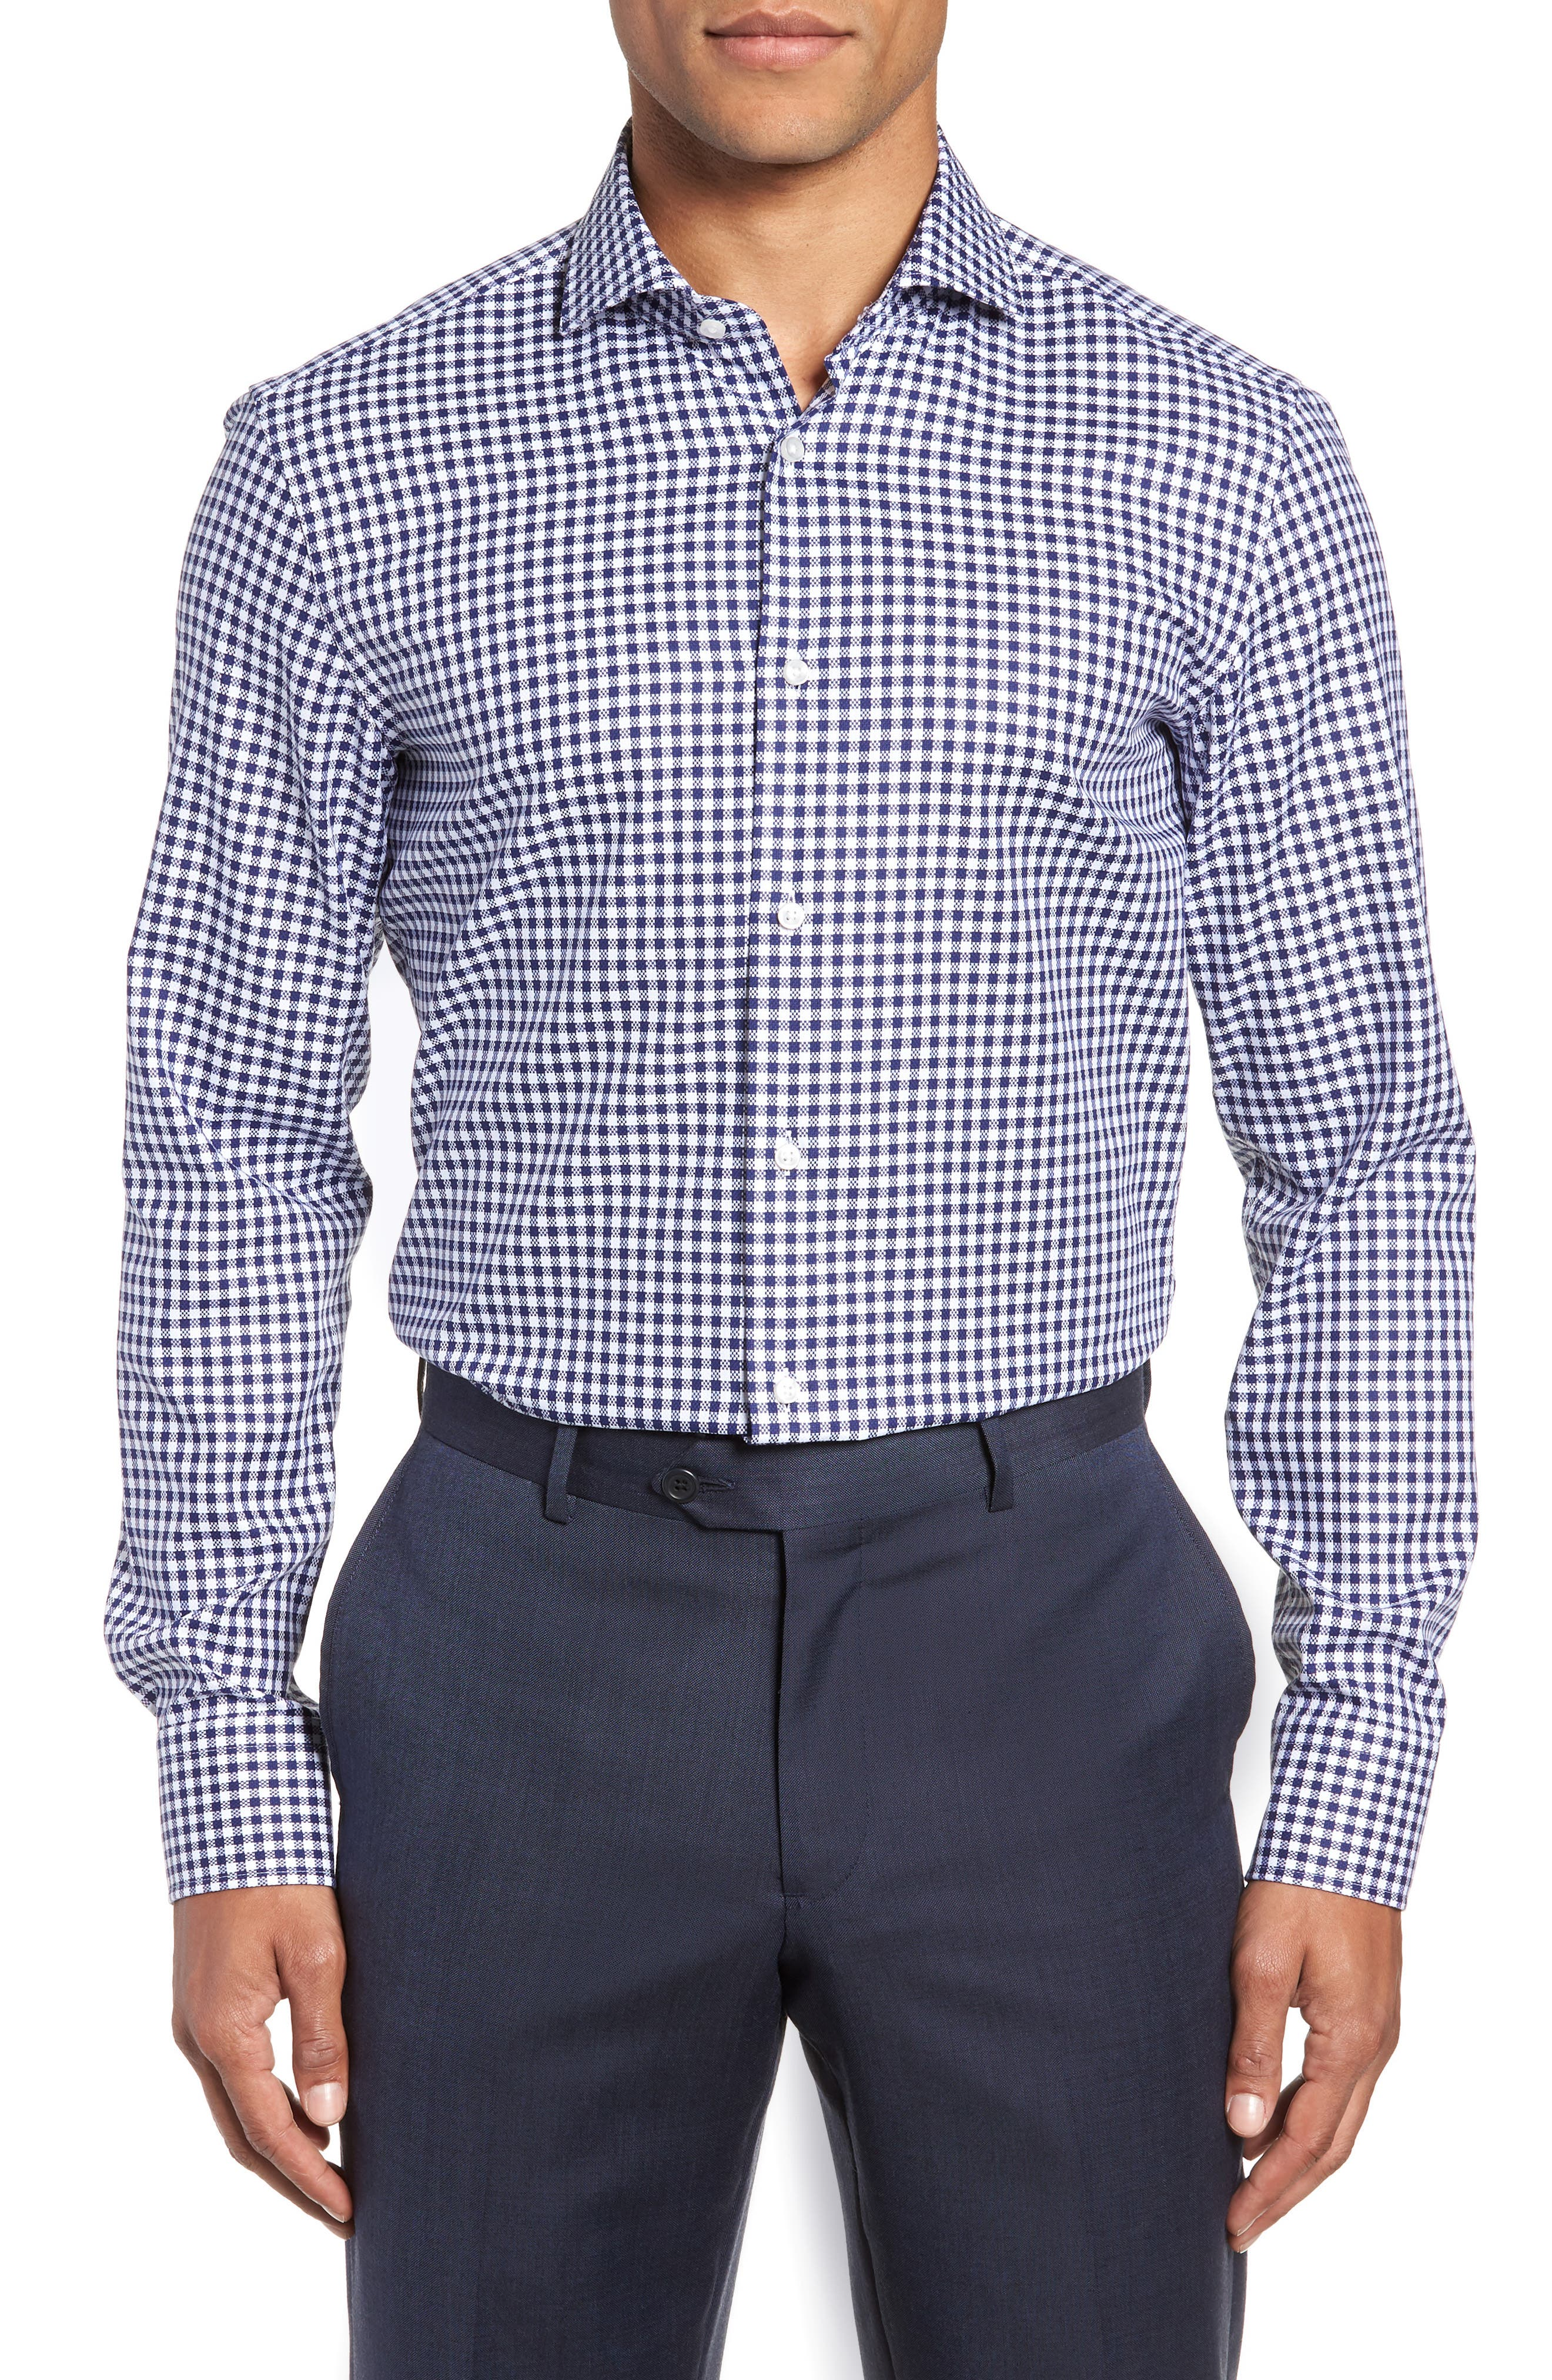 Jason Slim Fit Check Dress Shirt,                             Main thumbnail 1, color,                             NAVY